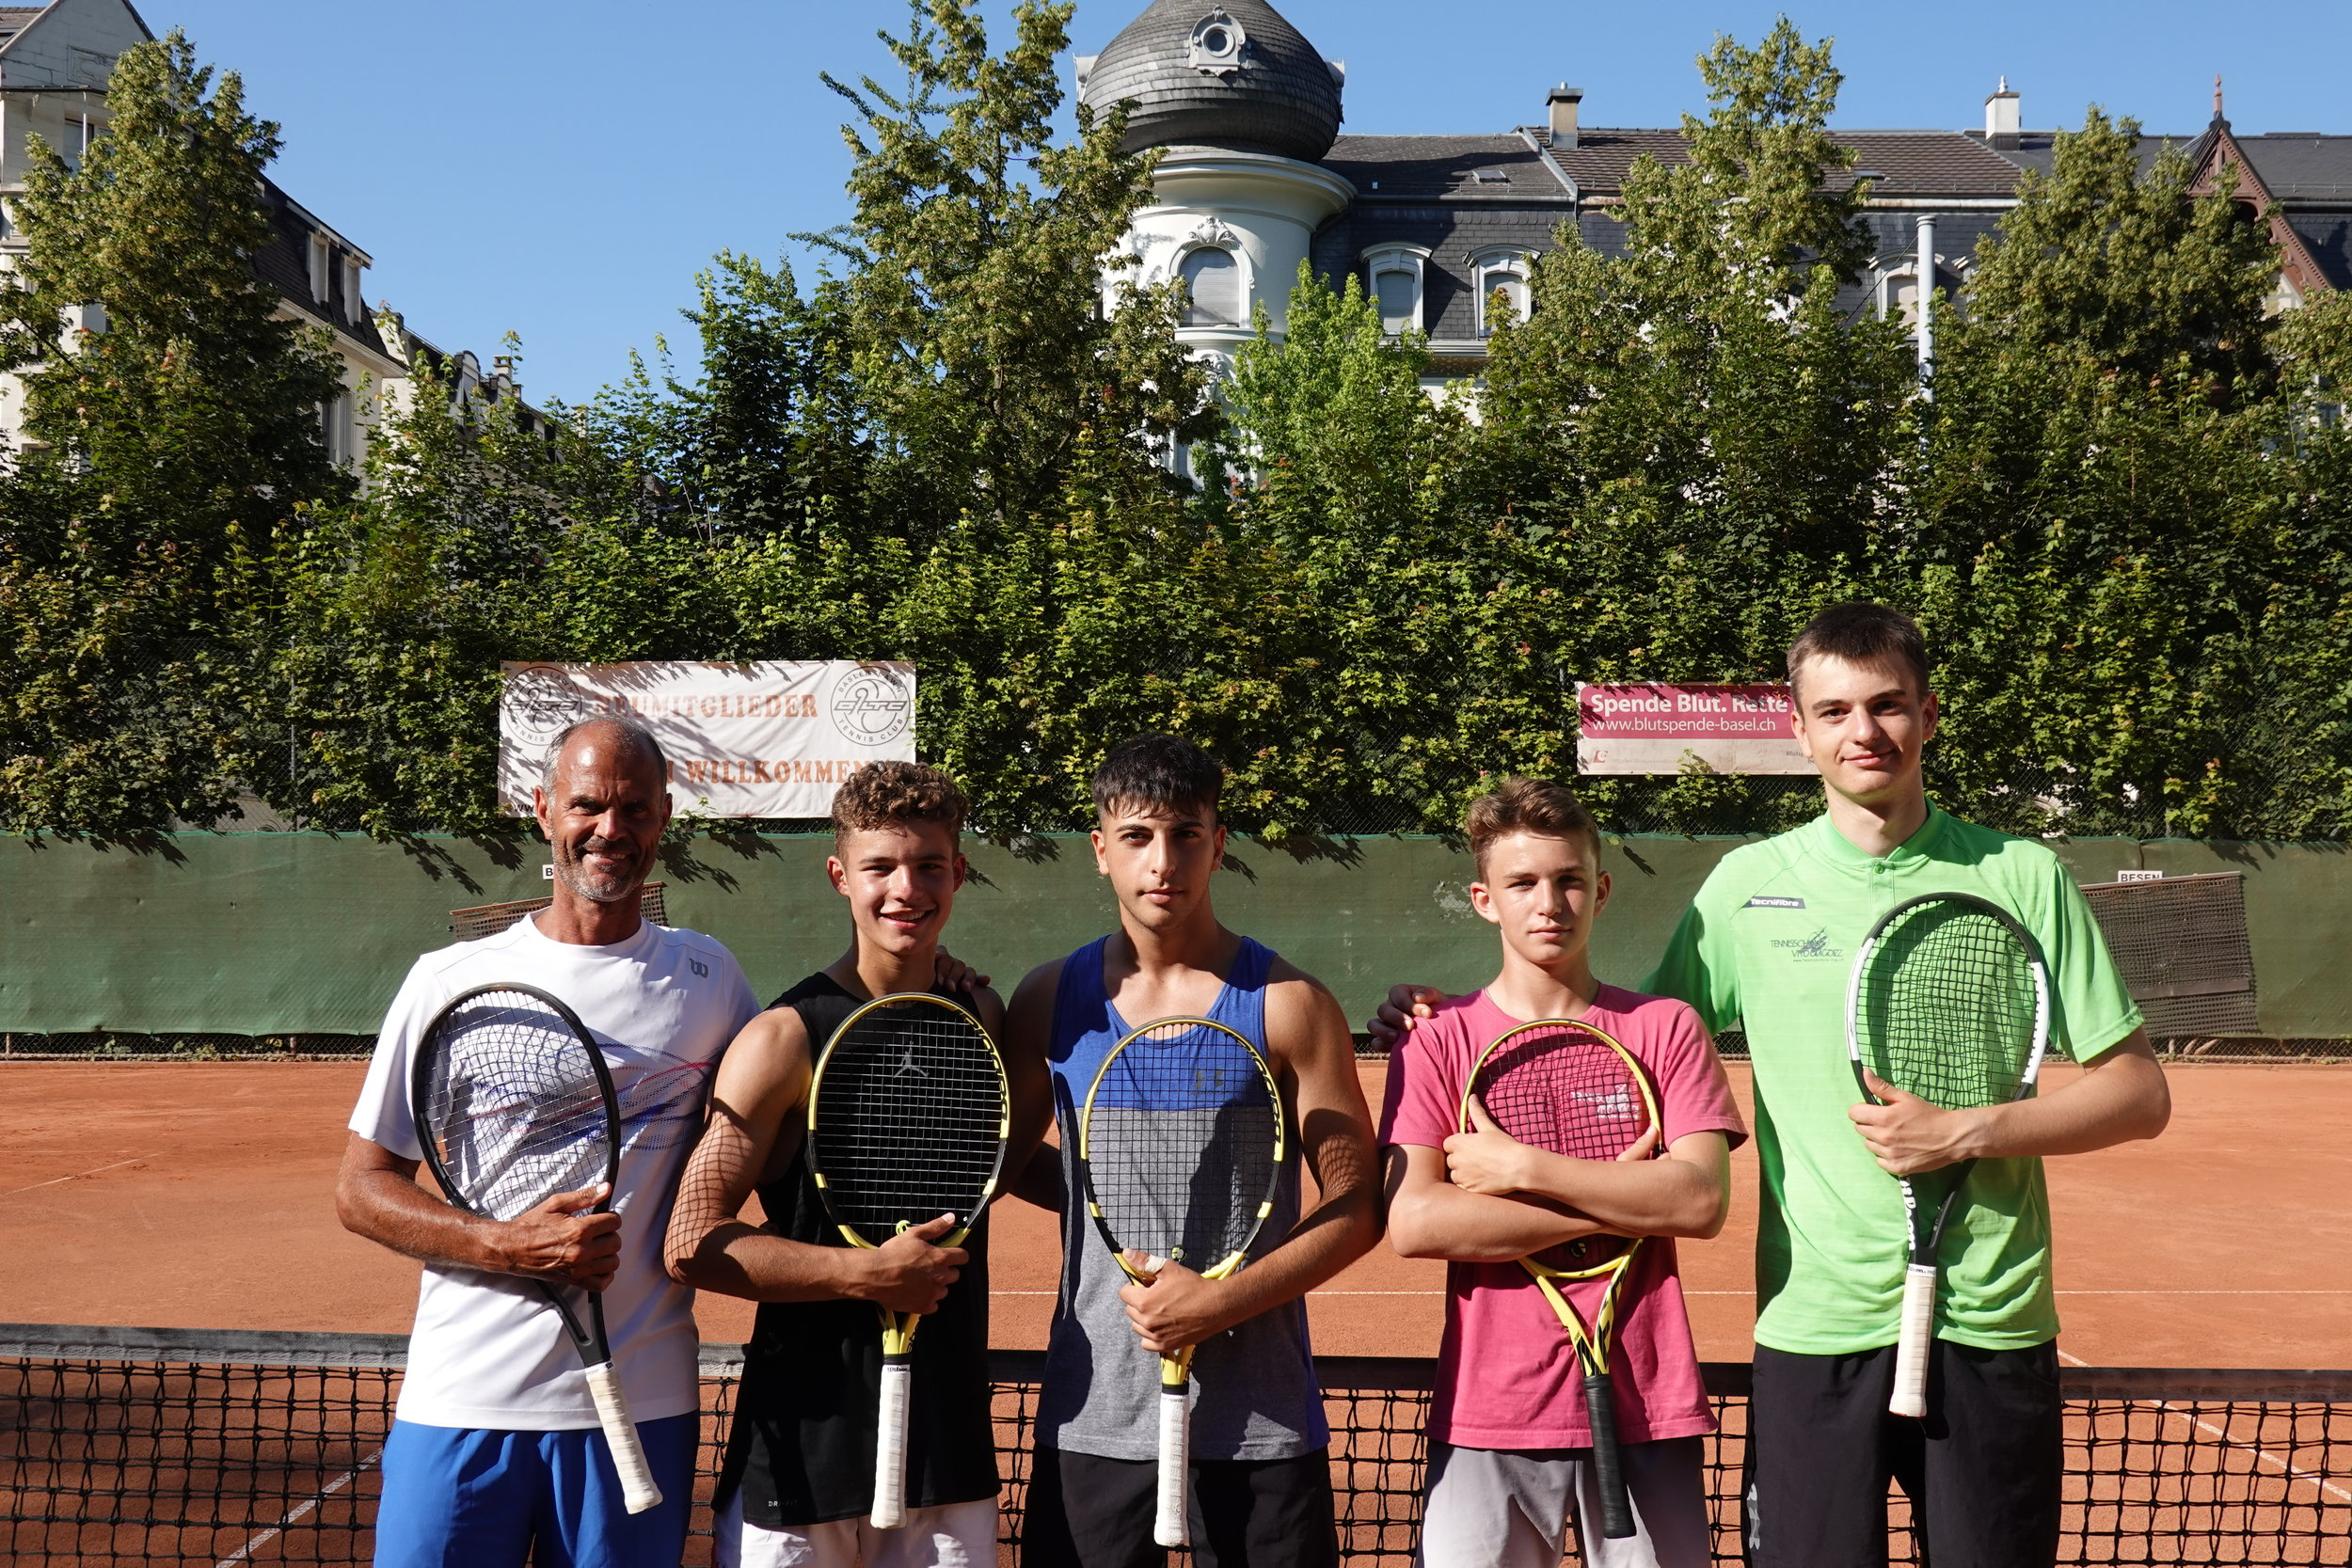 Bereit für die Junioren-SM (vlnr): Coach Vito Gugolz, Georg Stettler (R1/U16), Onur Isik (R2/U18), Emil Handschin (R4/U14) und Mark Mitchell (R2/U16). – Lara Velickovic (R3/U14) fehlt verletzungshalber